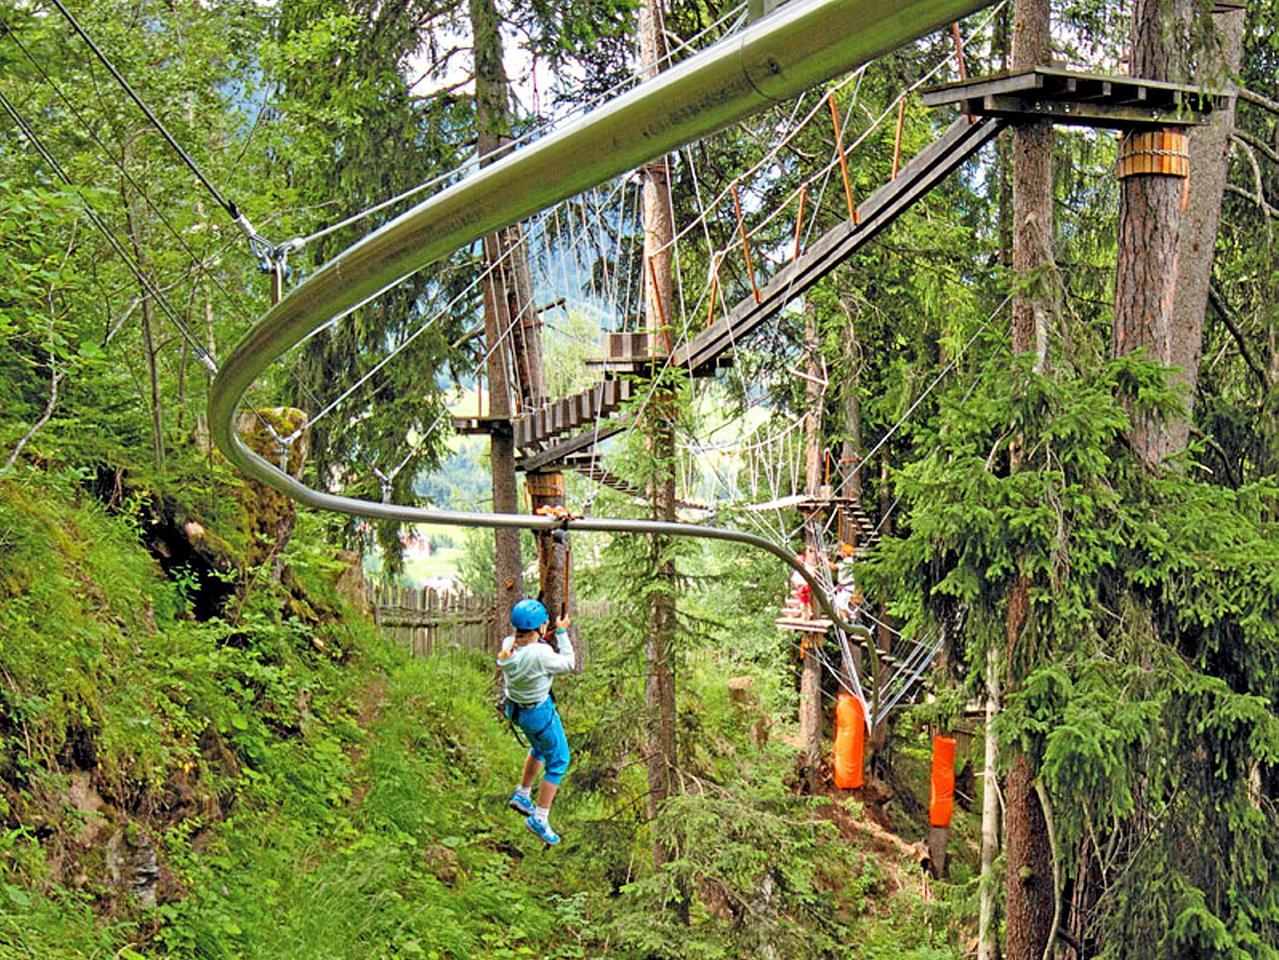 Bau der Baumschwebebahn startet